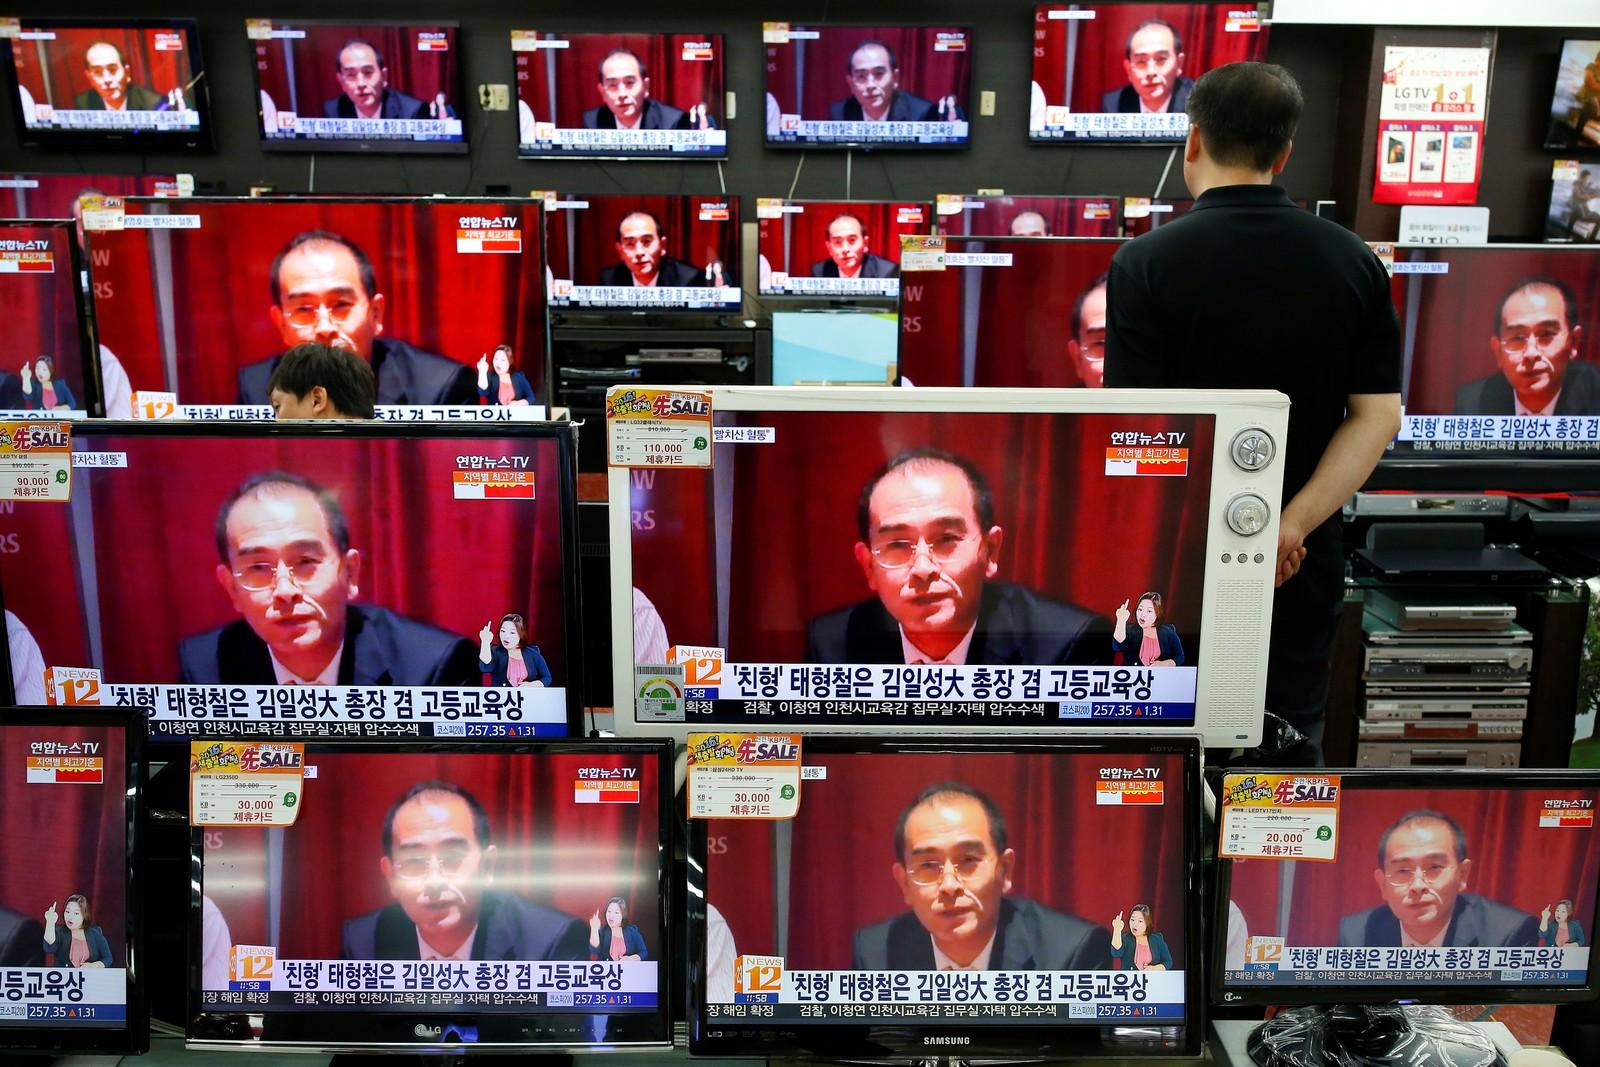 En selger ser på den nordkoreanske diplomaten Thae Young-ho under et nyhetsinnslag på TV i Seoul i Sør-Korea den 18. august. Han er en av de mest høytstående nordkoreanske diplomatene som noensinne har hoppet av. Han var viseambassadør til Storbritannia, og er nå satt under beskyttelse av den sørkoreanske regjeringen.